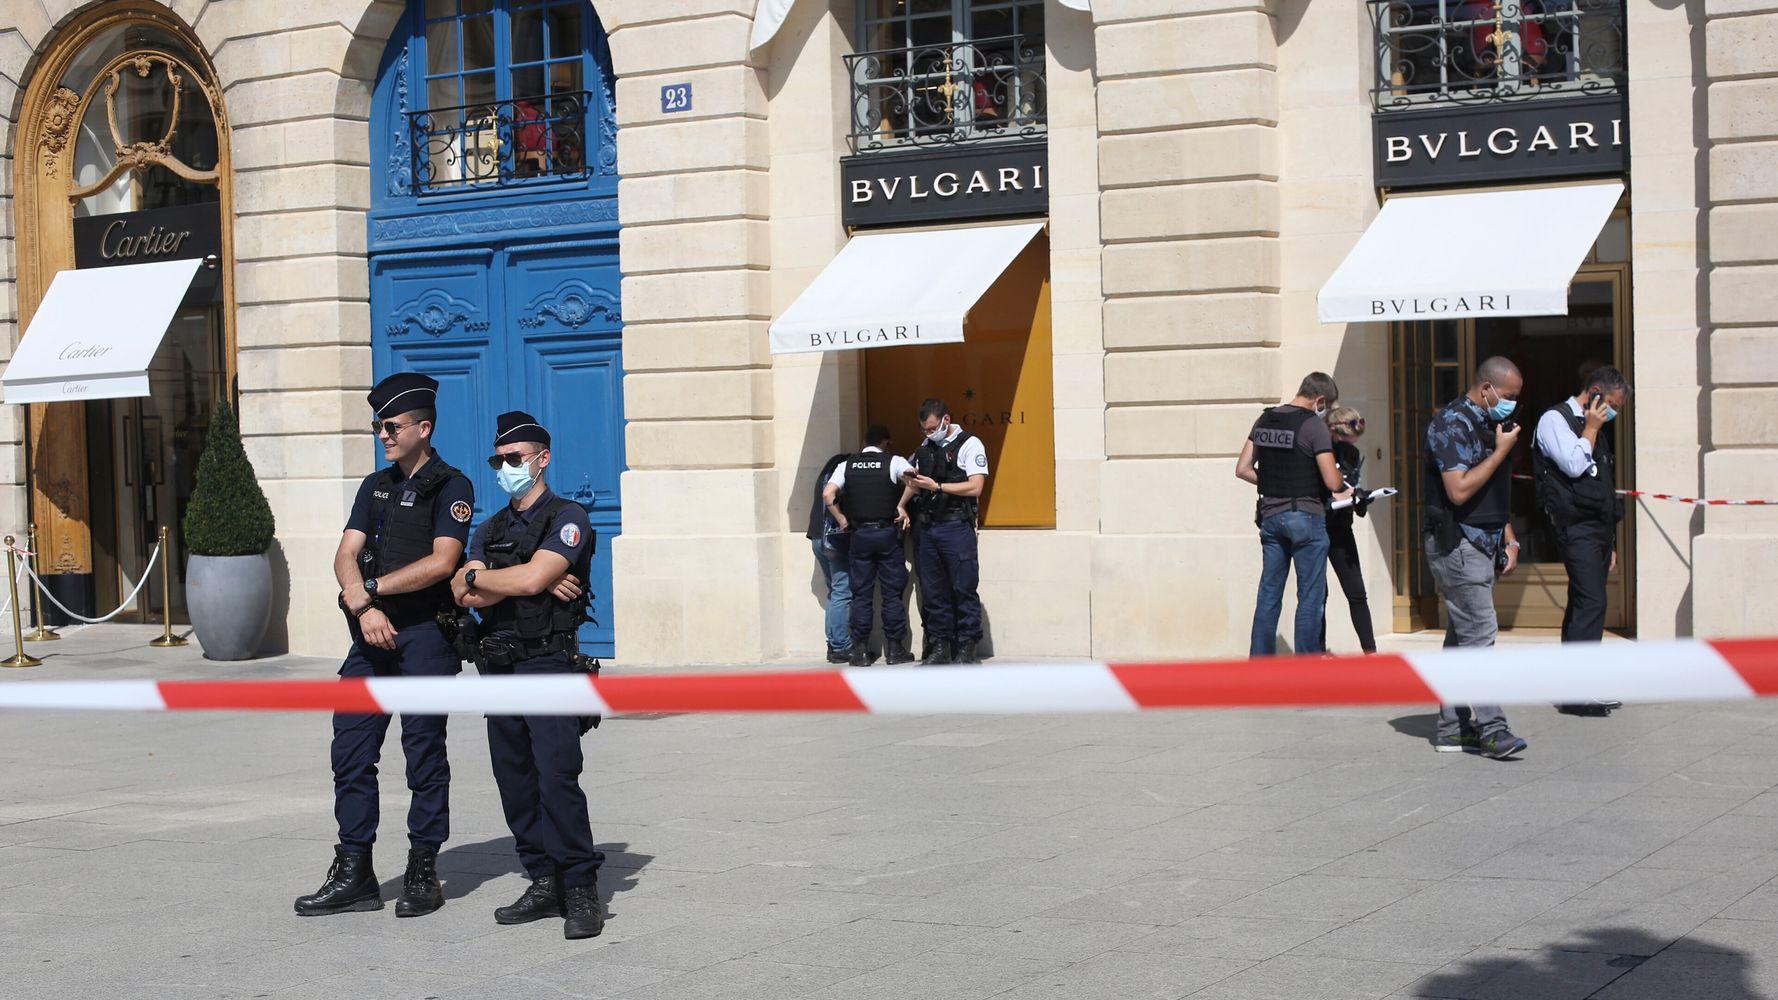 Une bijouterie braquée place Vendôme, des suspects interpellés après une course-poursuite